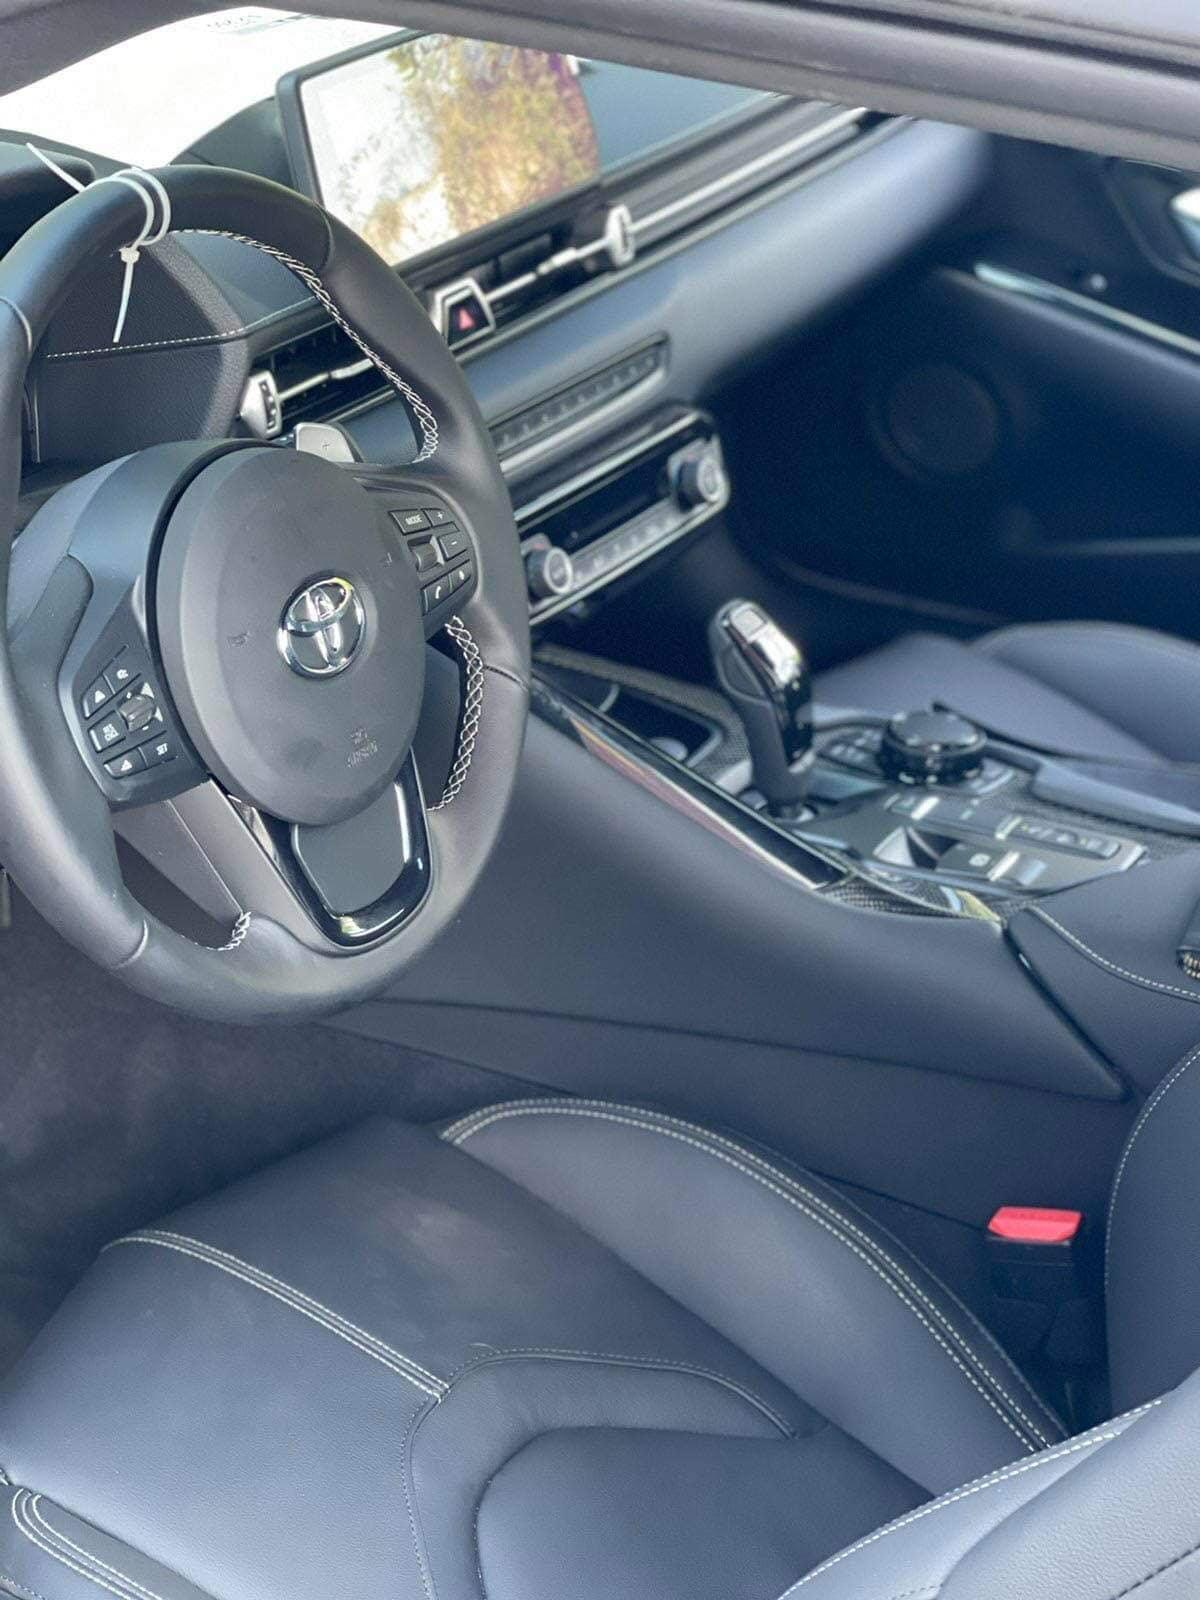 Sức mạnh được truyền đến bánh sau thông qua hộp số tự động 8 cấp, nhờ đó, xe có thể tăng tốc lên 96 km/h từ vị trí đứng yên trong chỉ 4,1 giây, tốc độ tối đa được giới hạn ở 249 km/h.